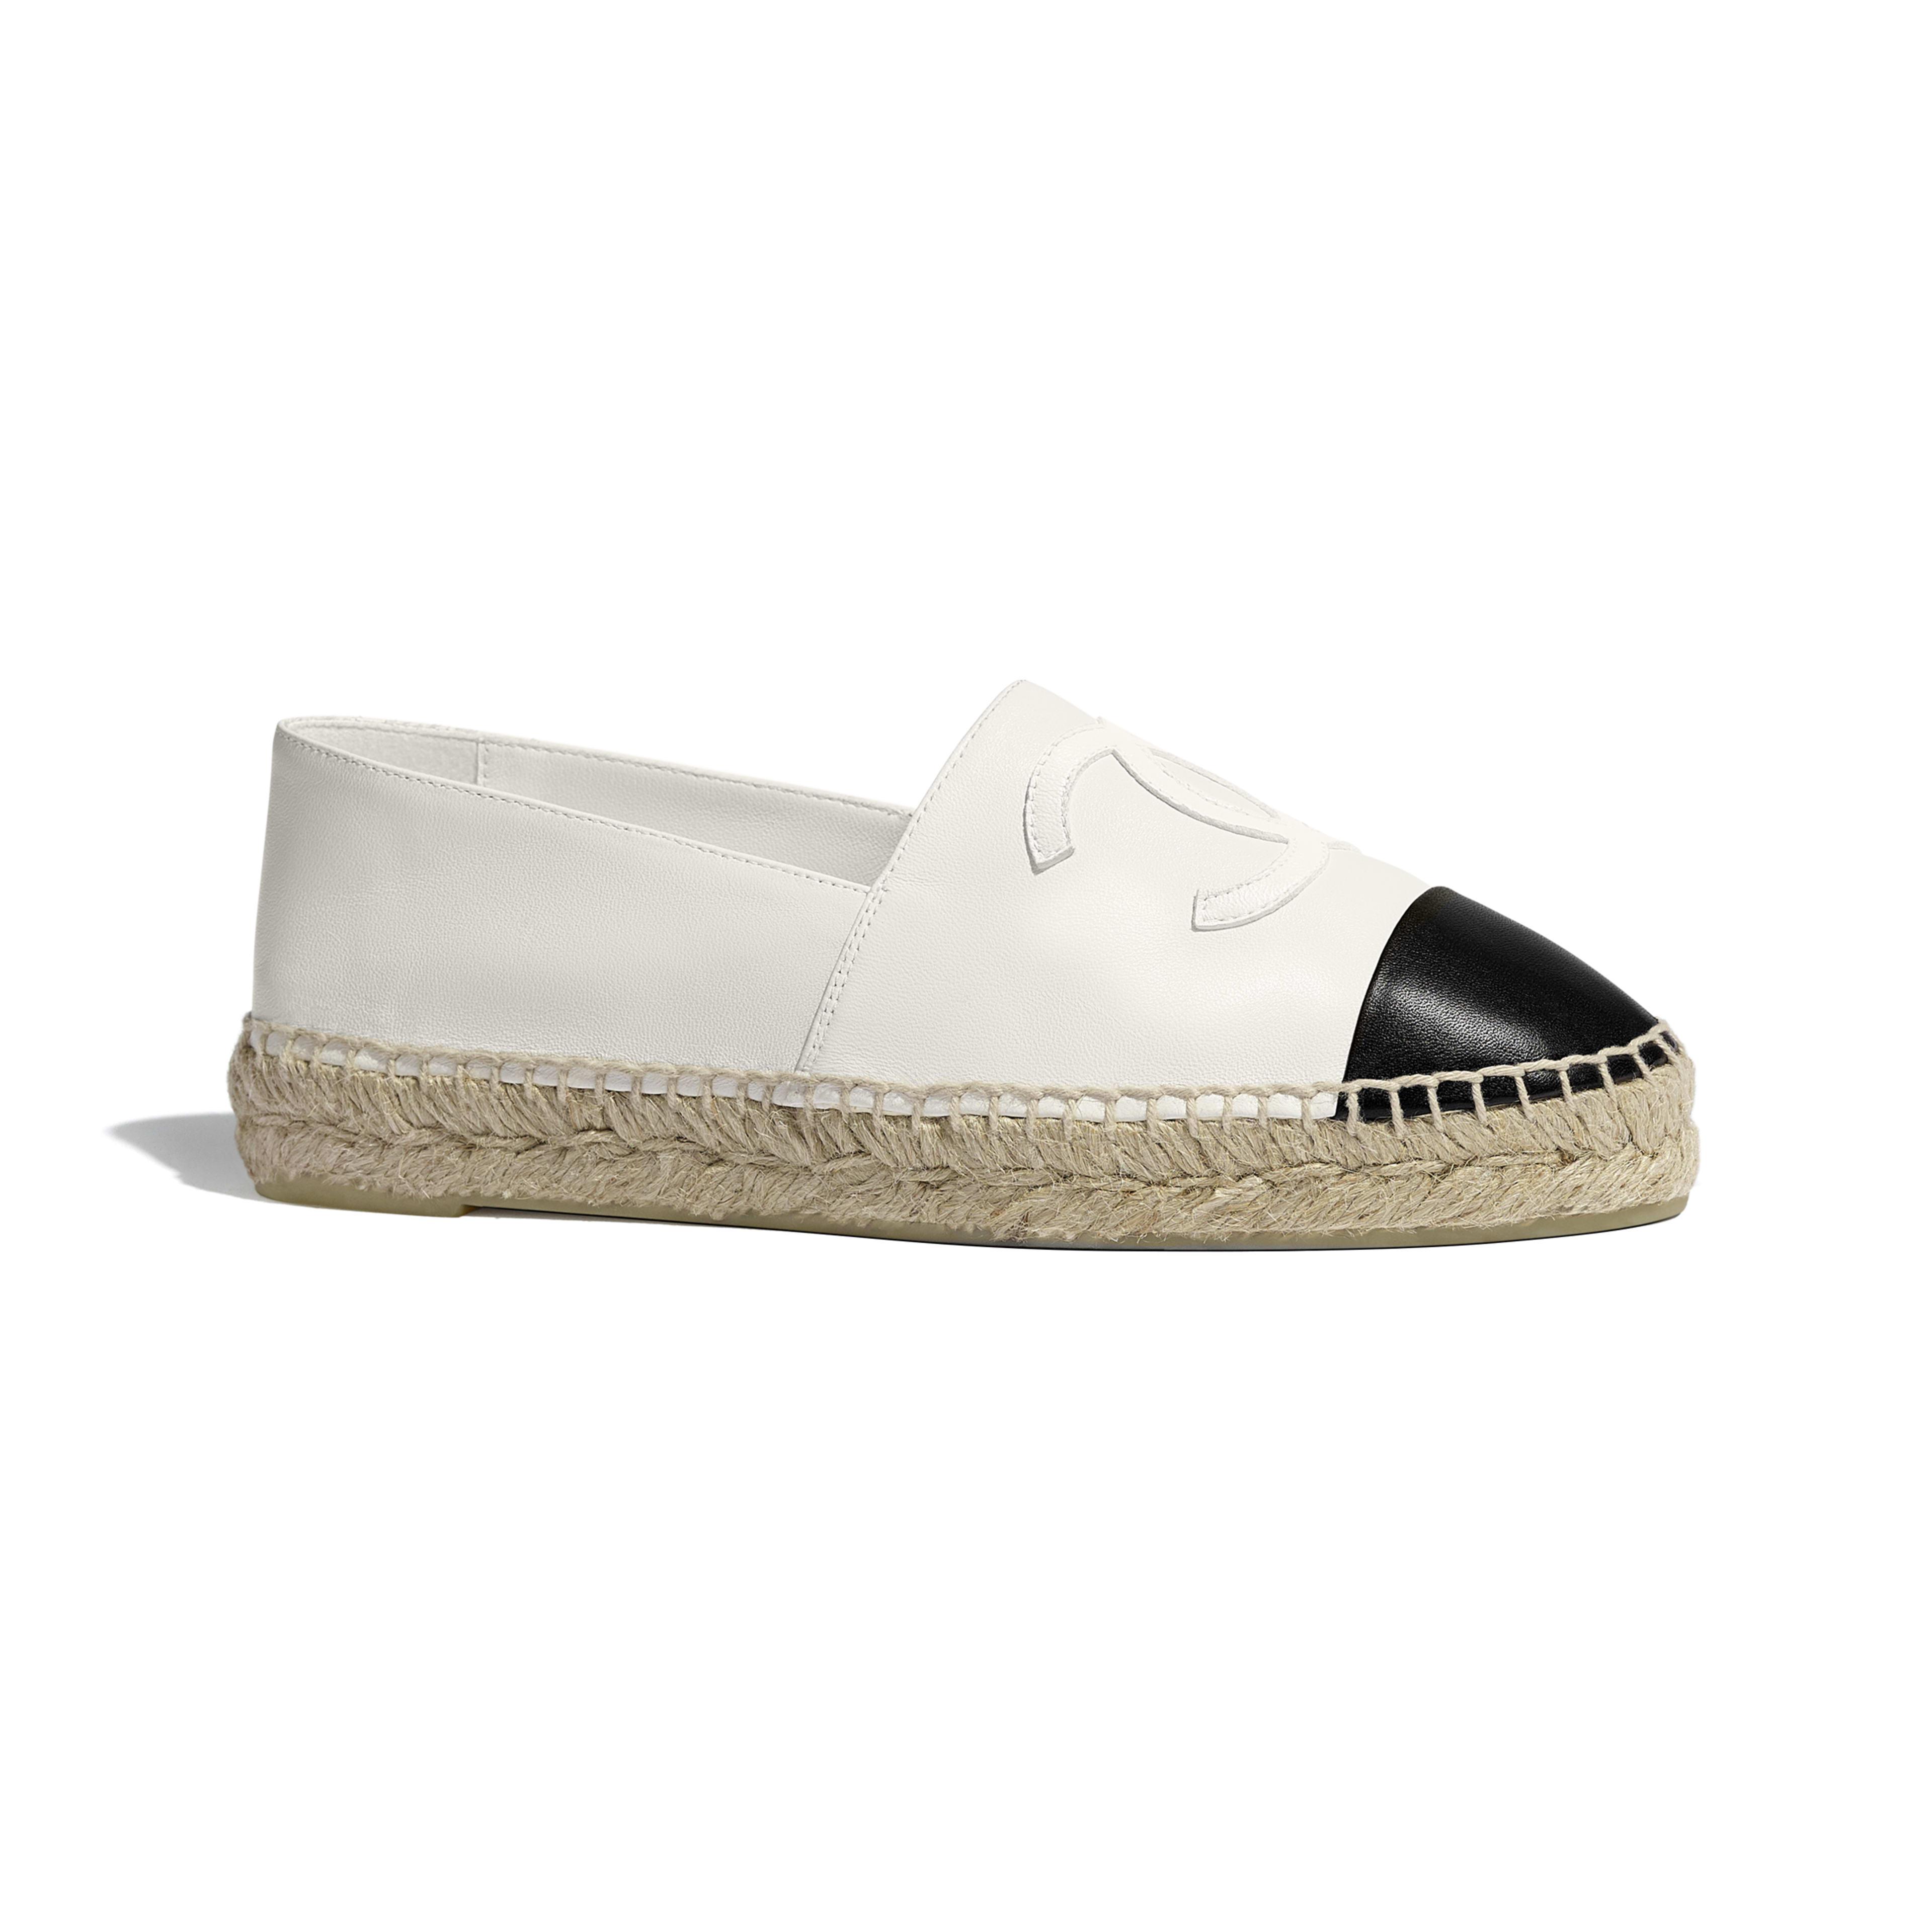 平底草織鞋 - 白及黑色 - 小羊皮 - 預設視圖 - 查看全尺寸版本